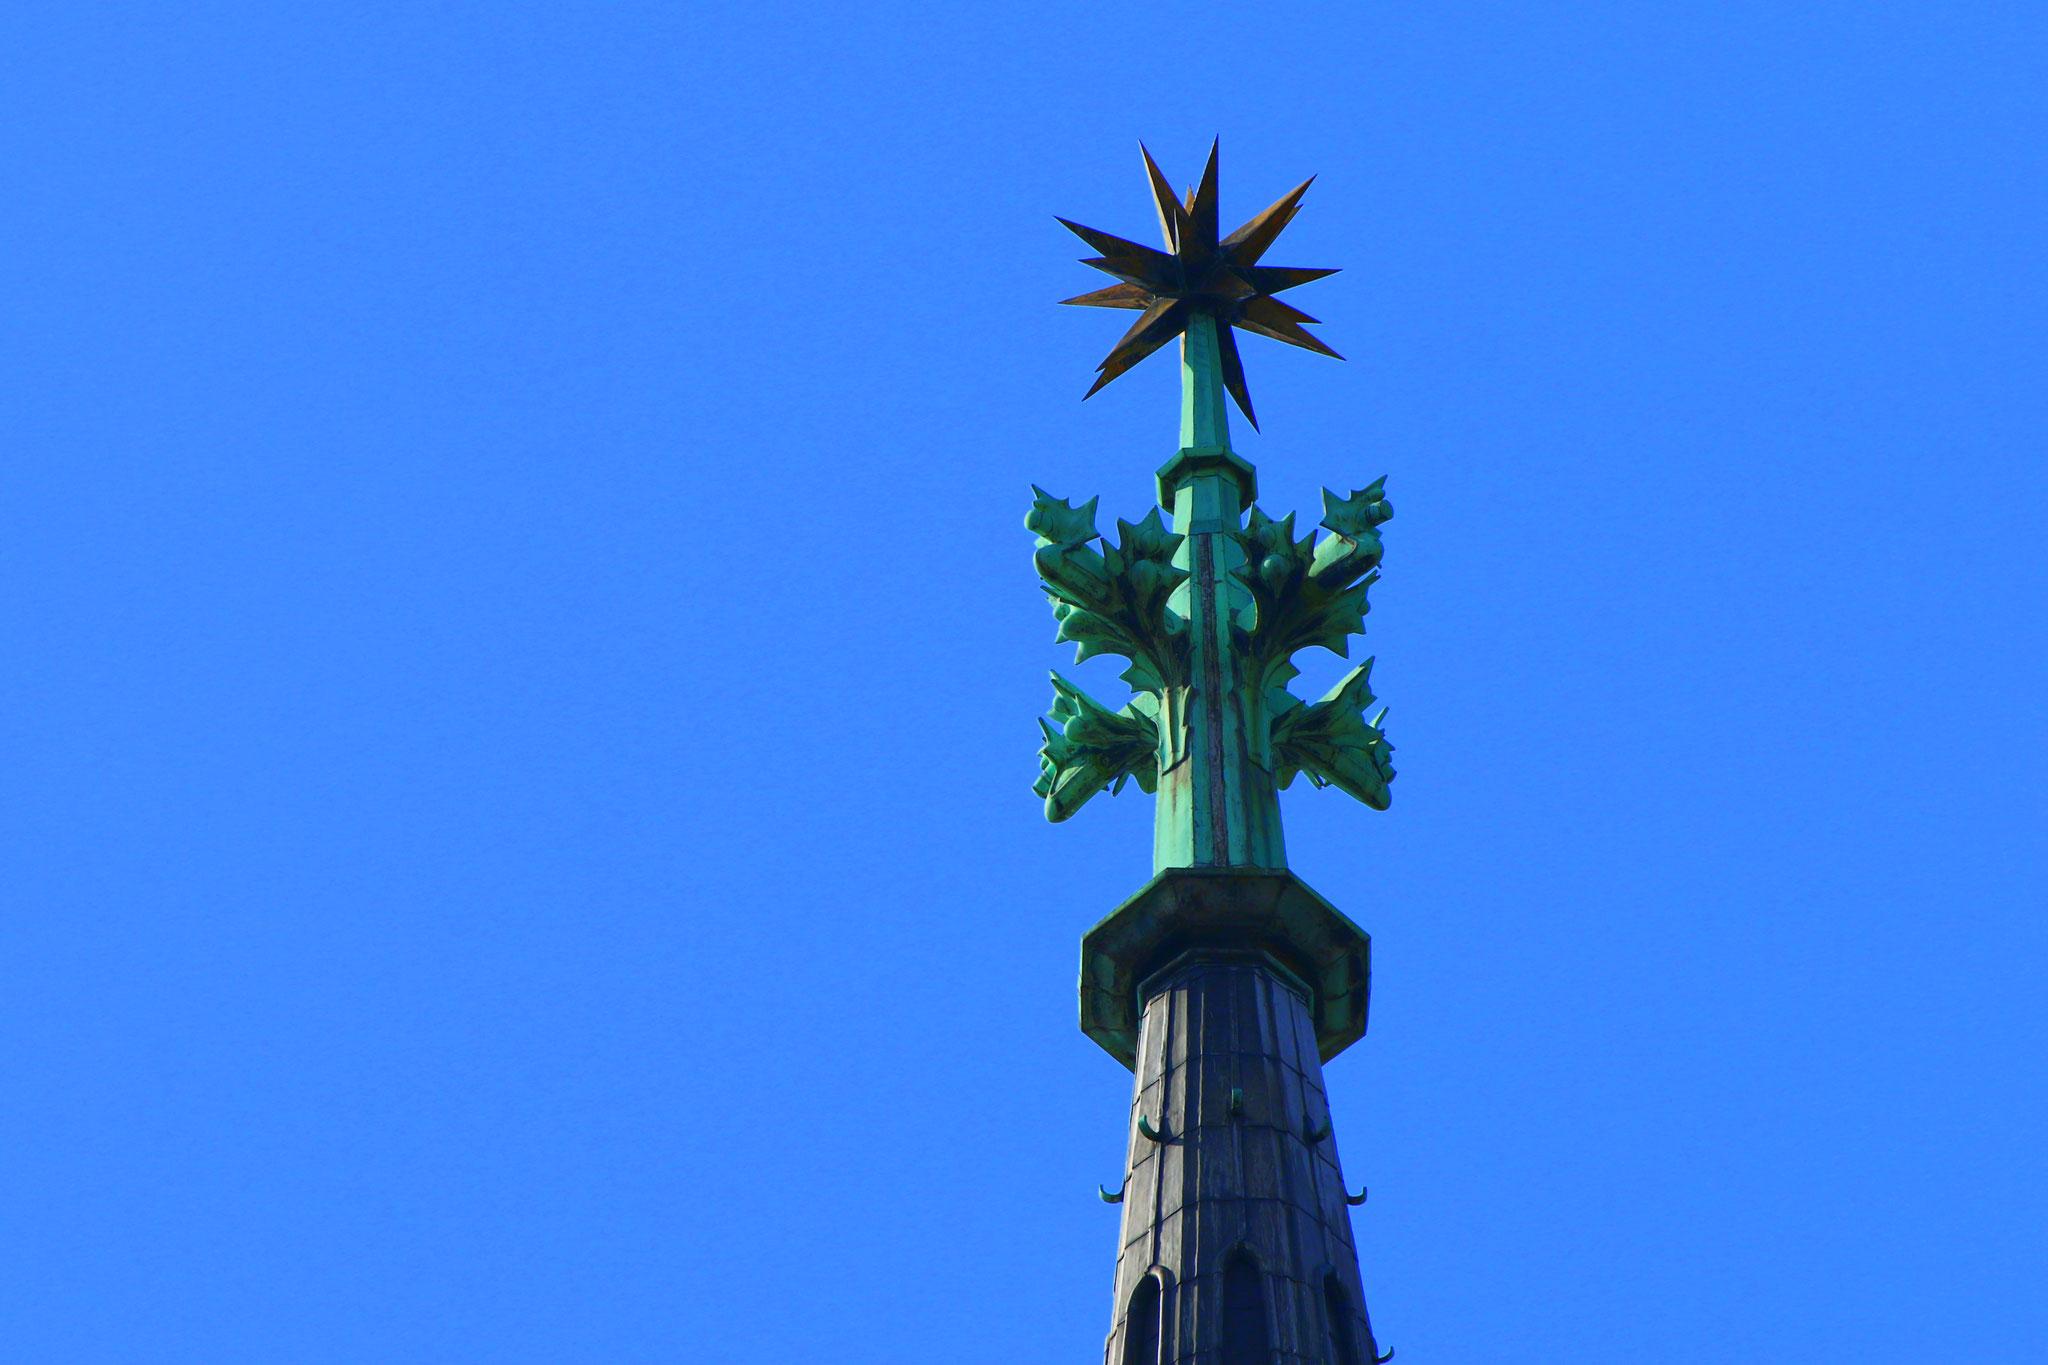 Der Stern von Bethlehem weist auf die Ruhestätte der Heiligen Drei Könige hin